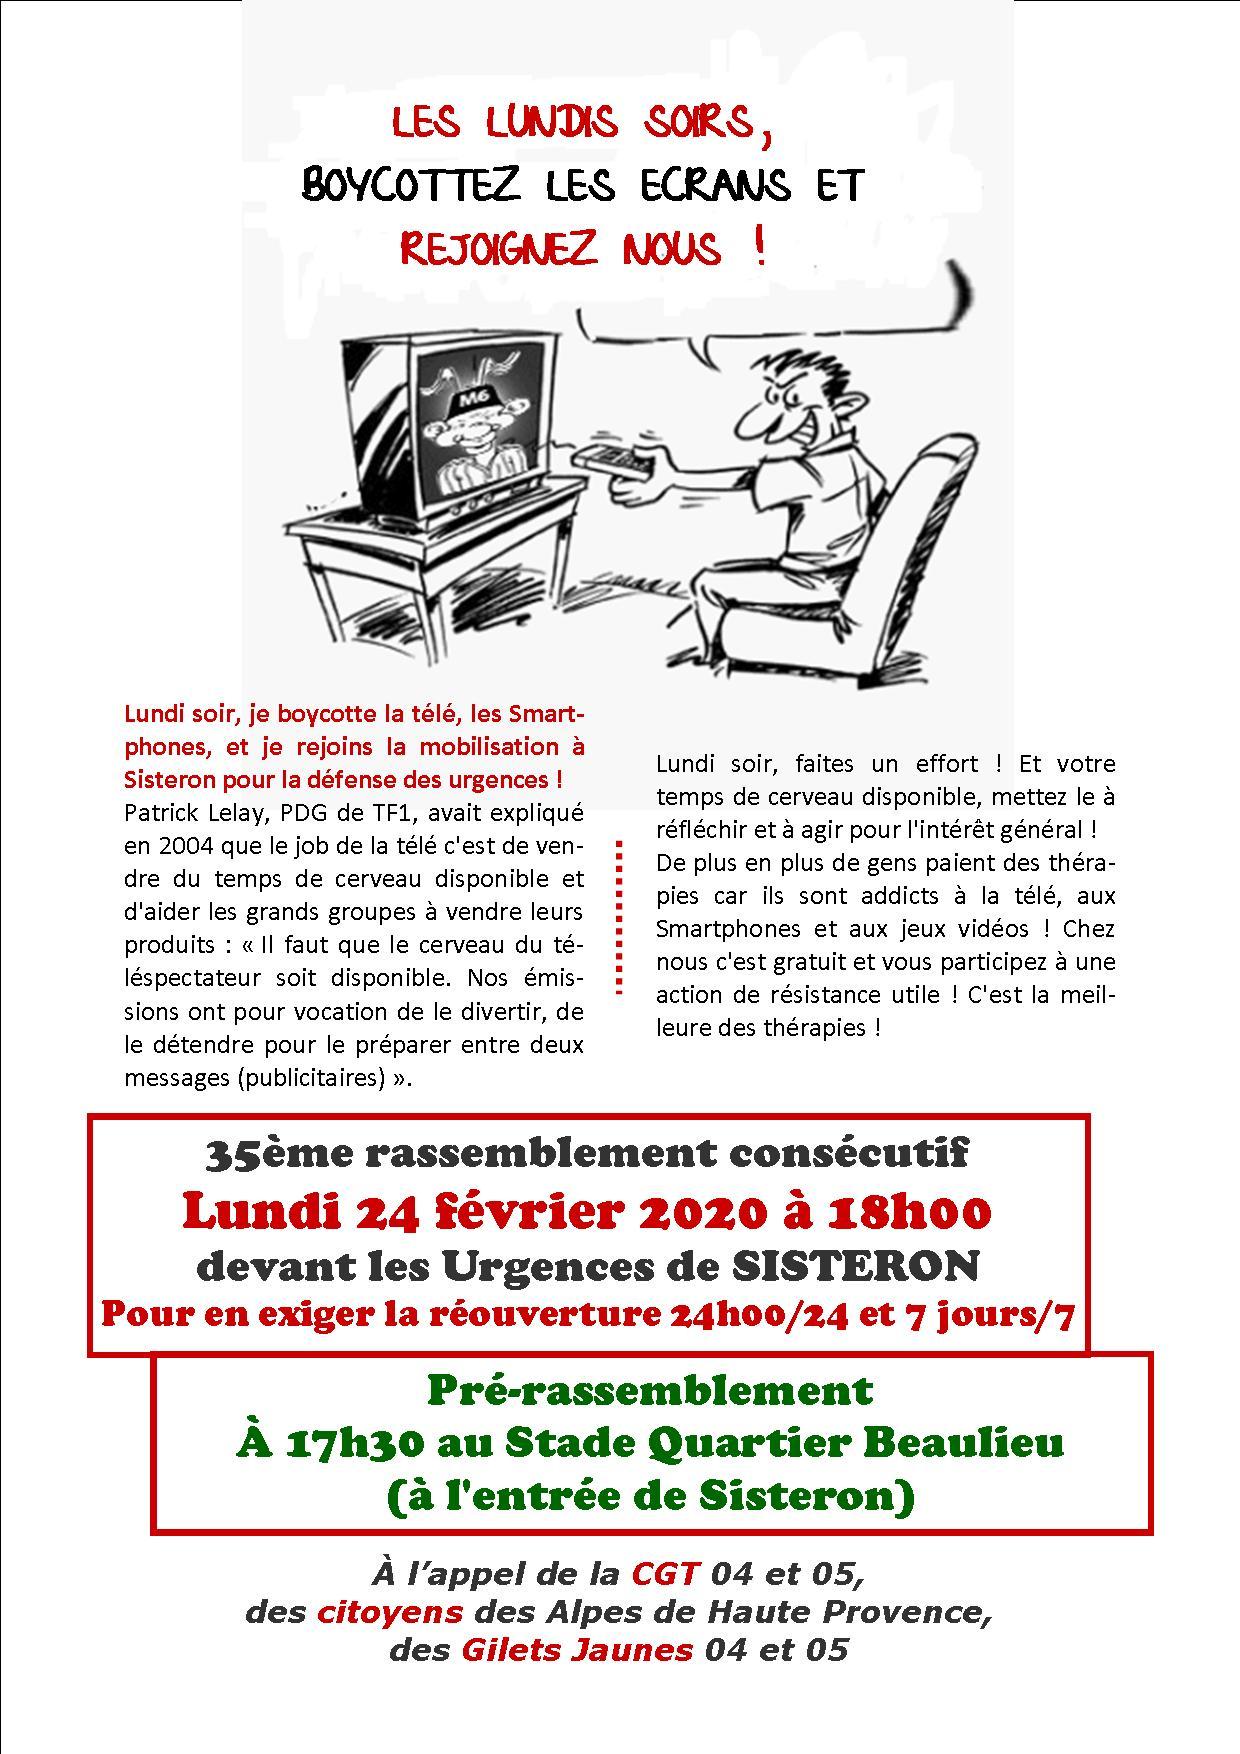 1231. Tract urgences de Sisteron 24 février 2020